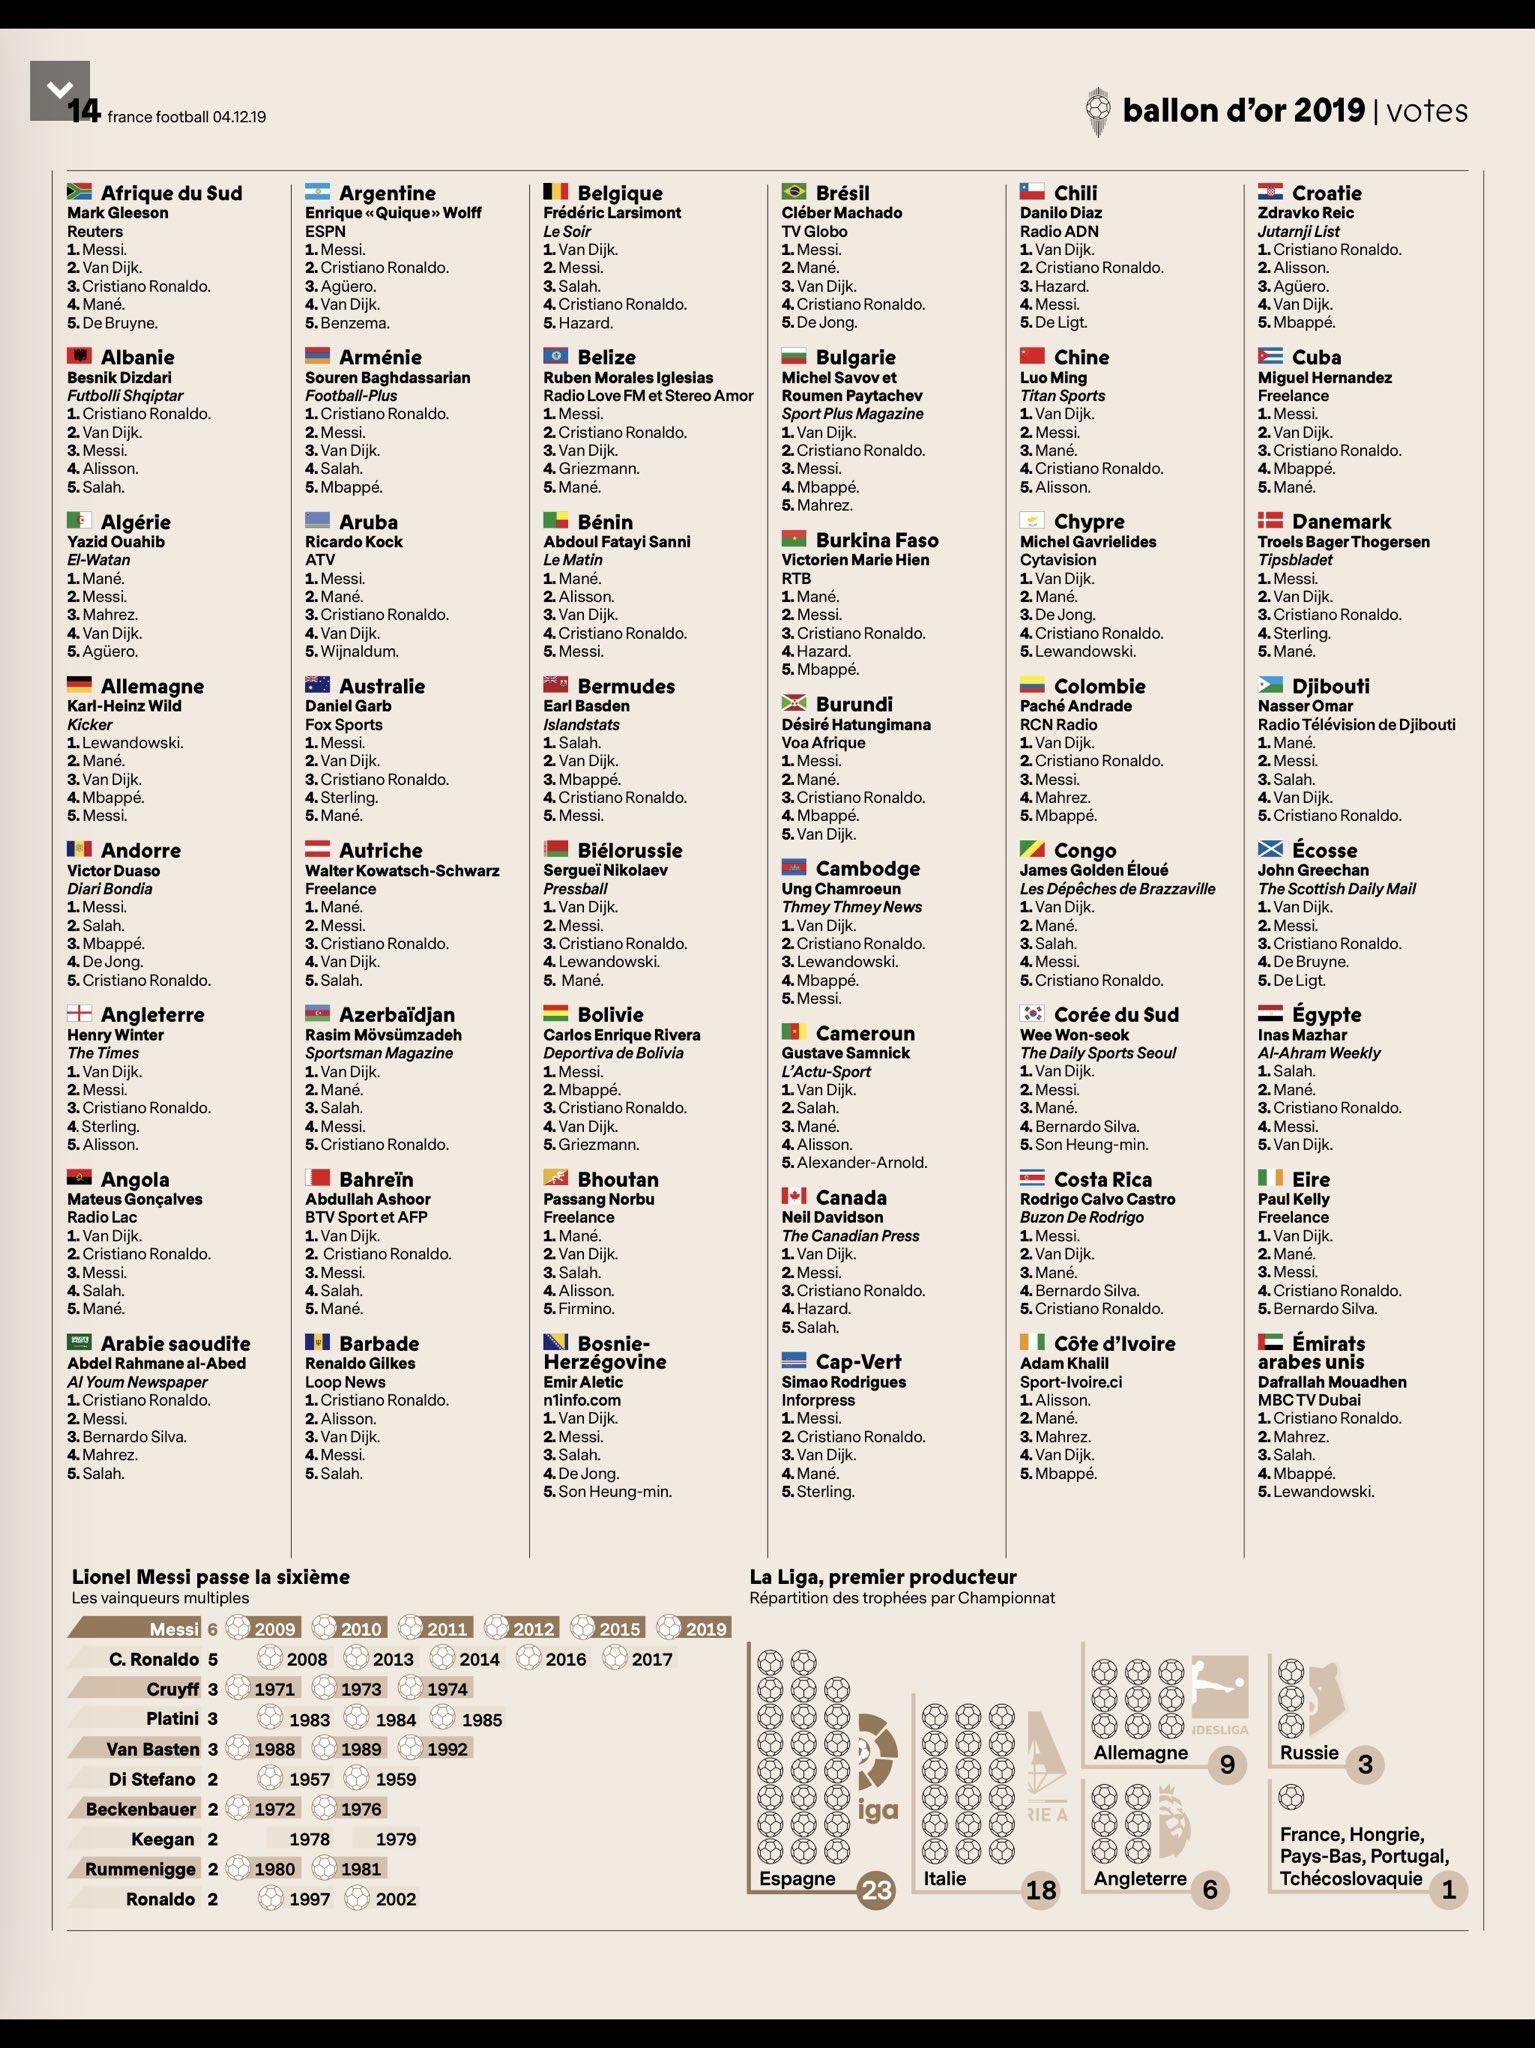 """#BallonDor2019 - Ces """"traîtres africains"""" qui ont trahi Mané: seuls 12 pays d'Afrique sur 44 ont voté pour le Sénégal"""